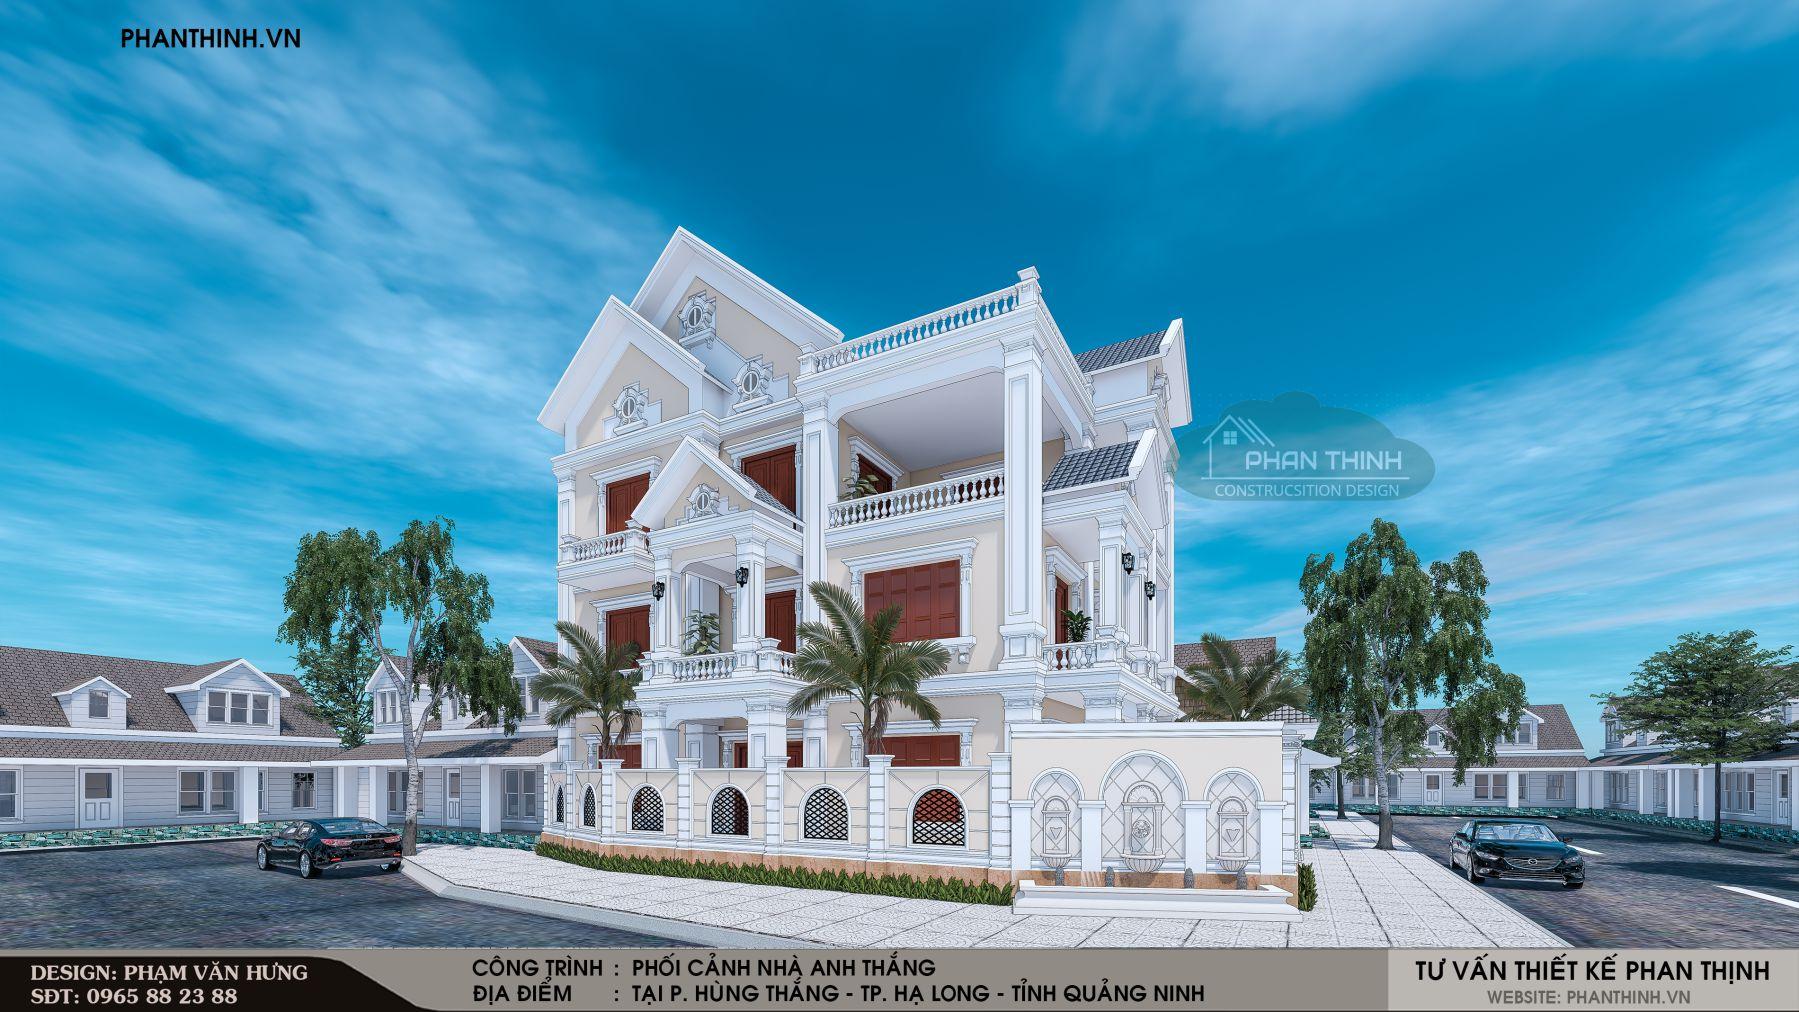 Phối cảnh góc căn nhà biệt thự 3 tầng đẹp năm 2019 tại Quảng Ninh